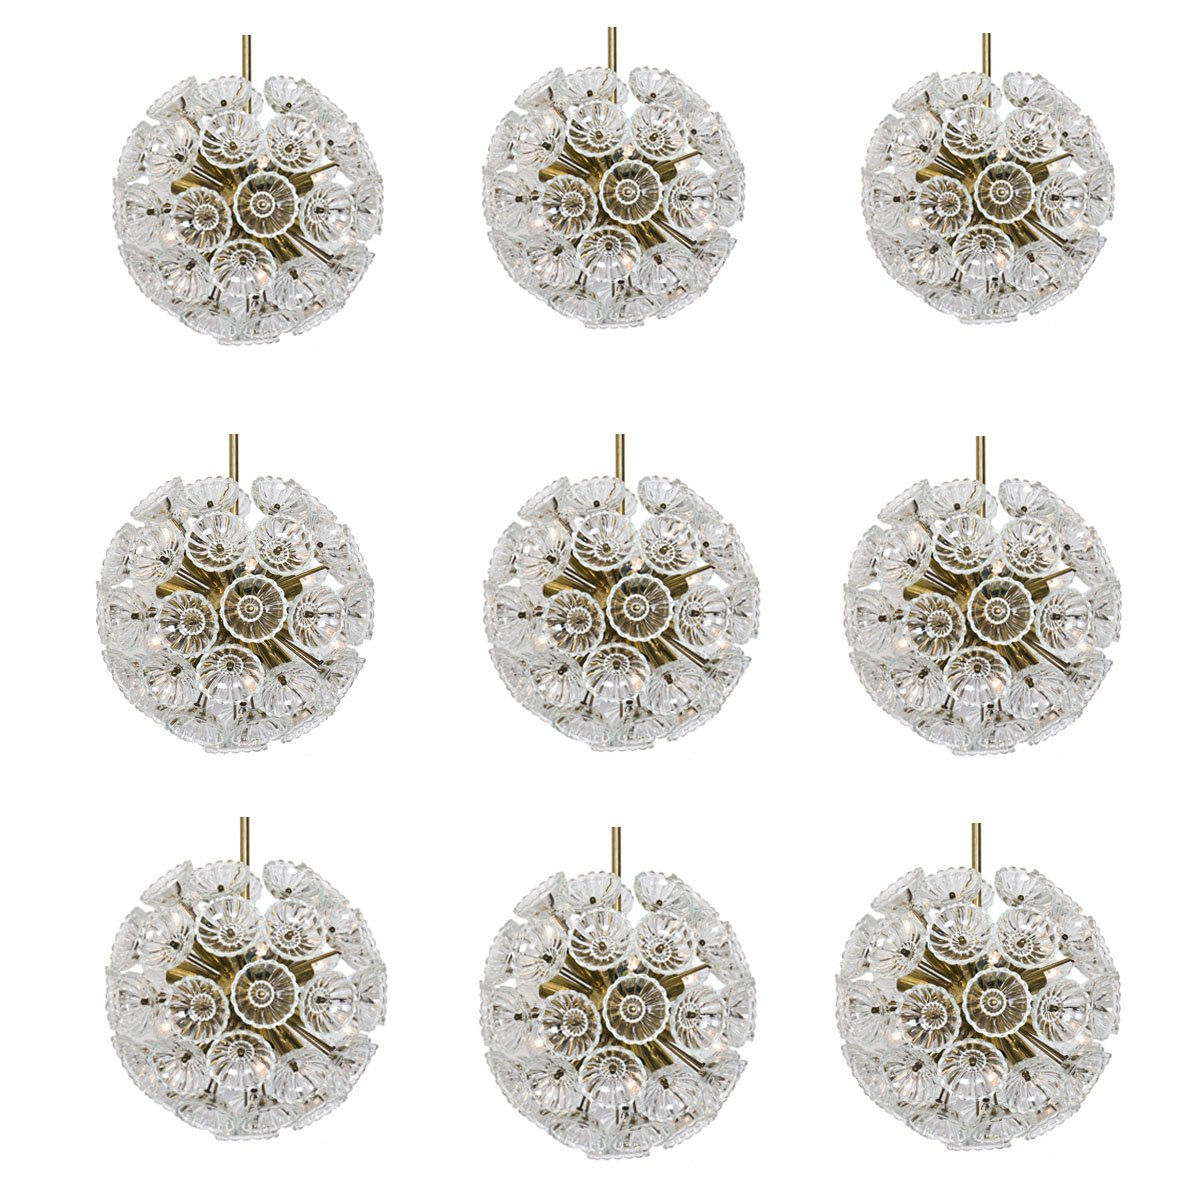 German Starburst Sputnik Chandeliers With 54 Glass Flowers